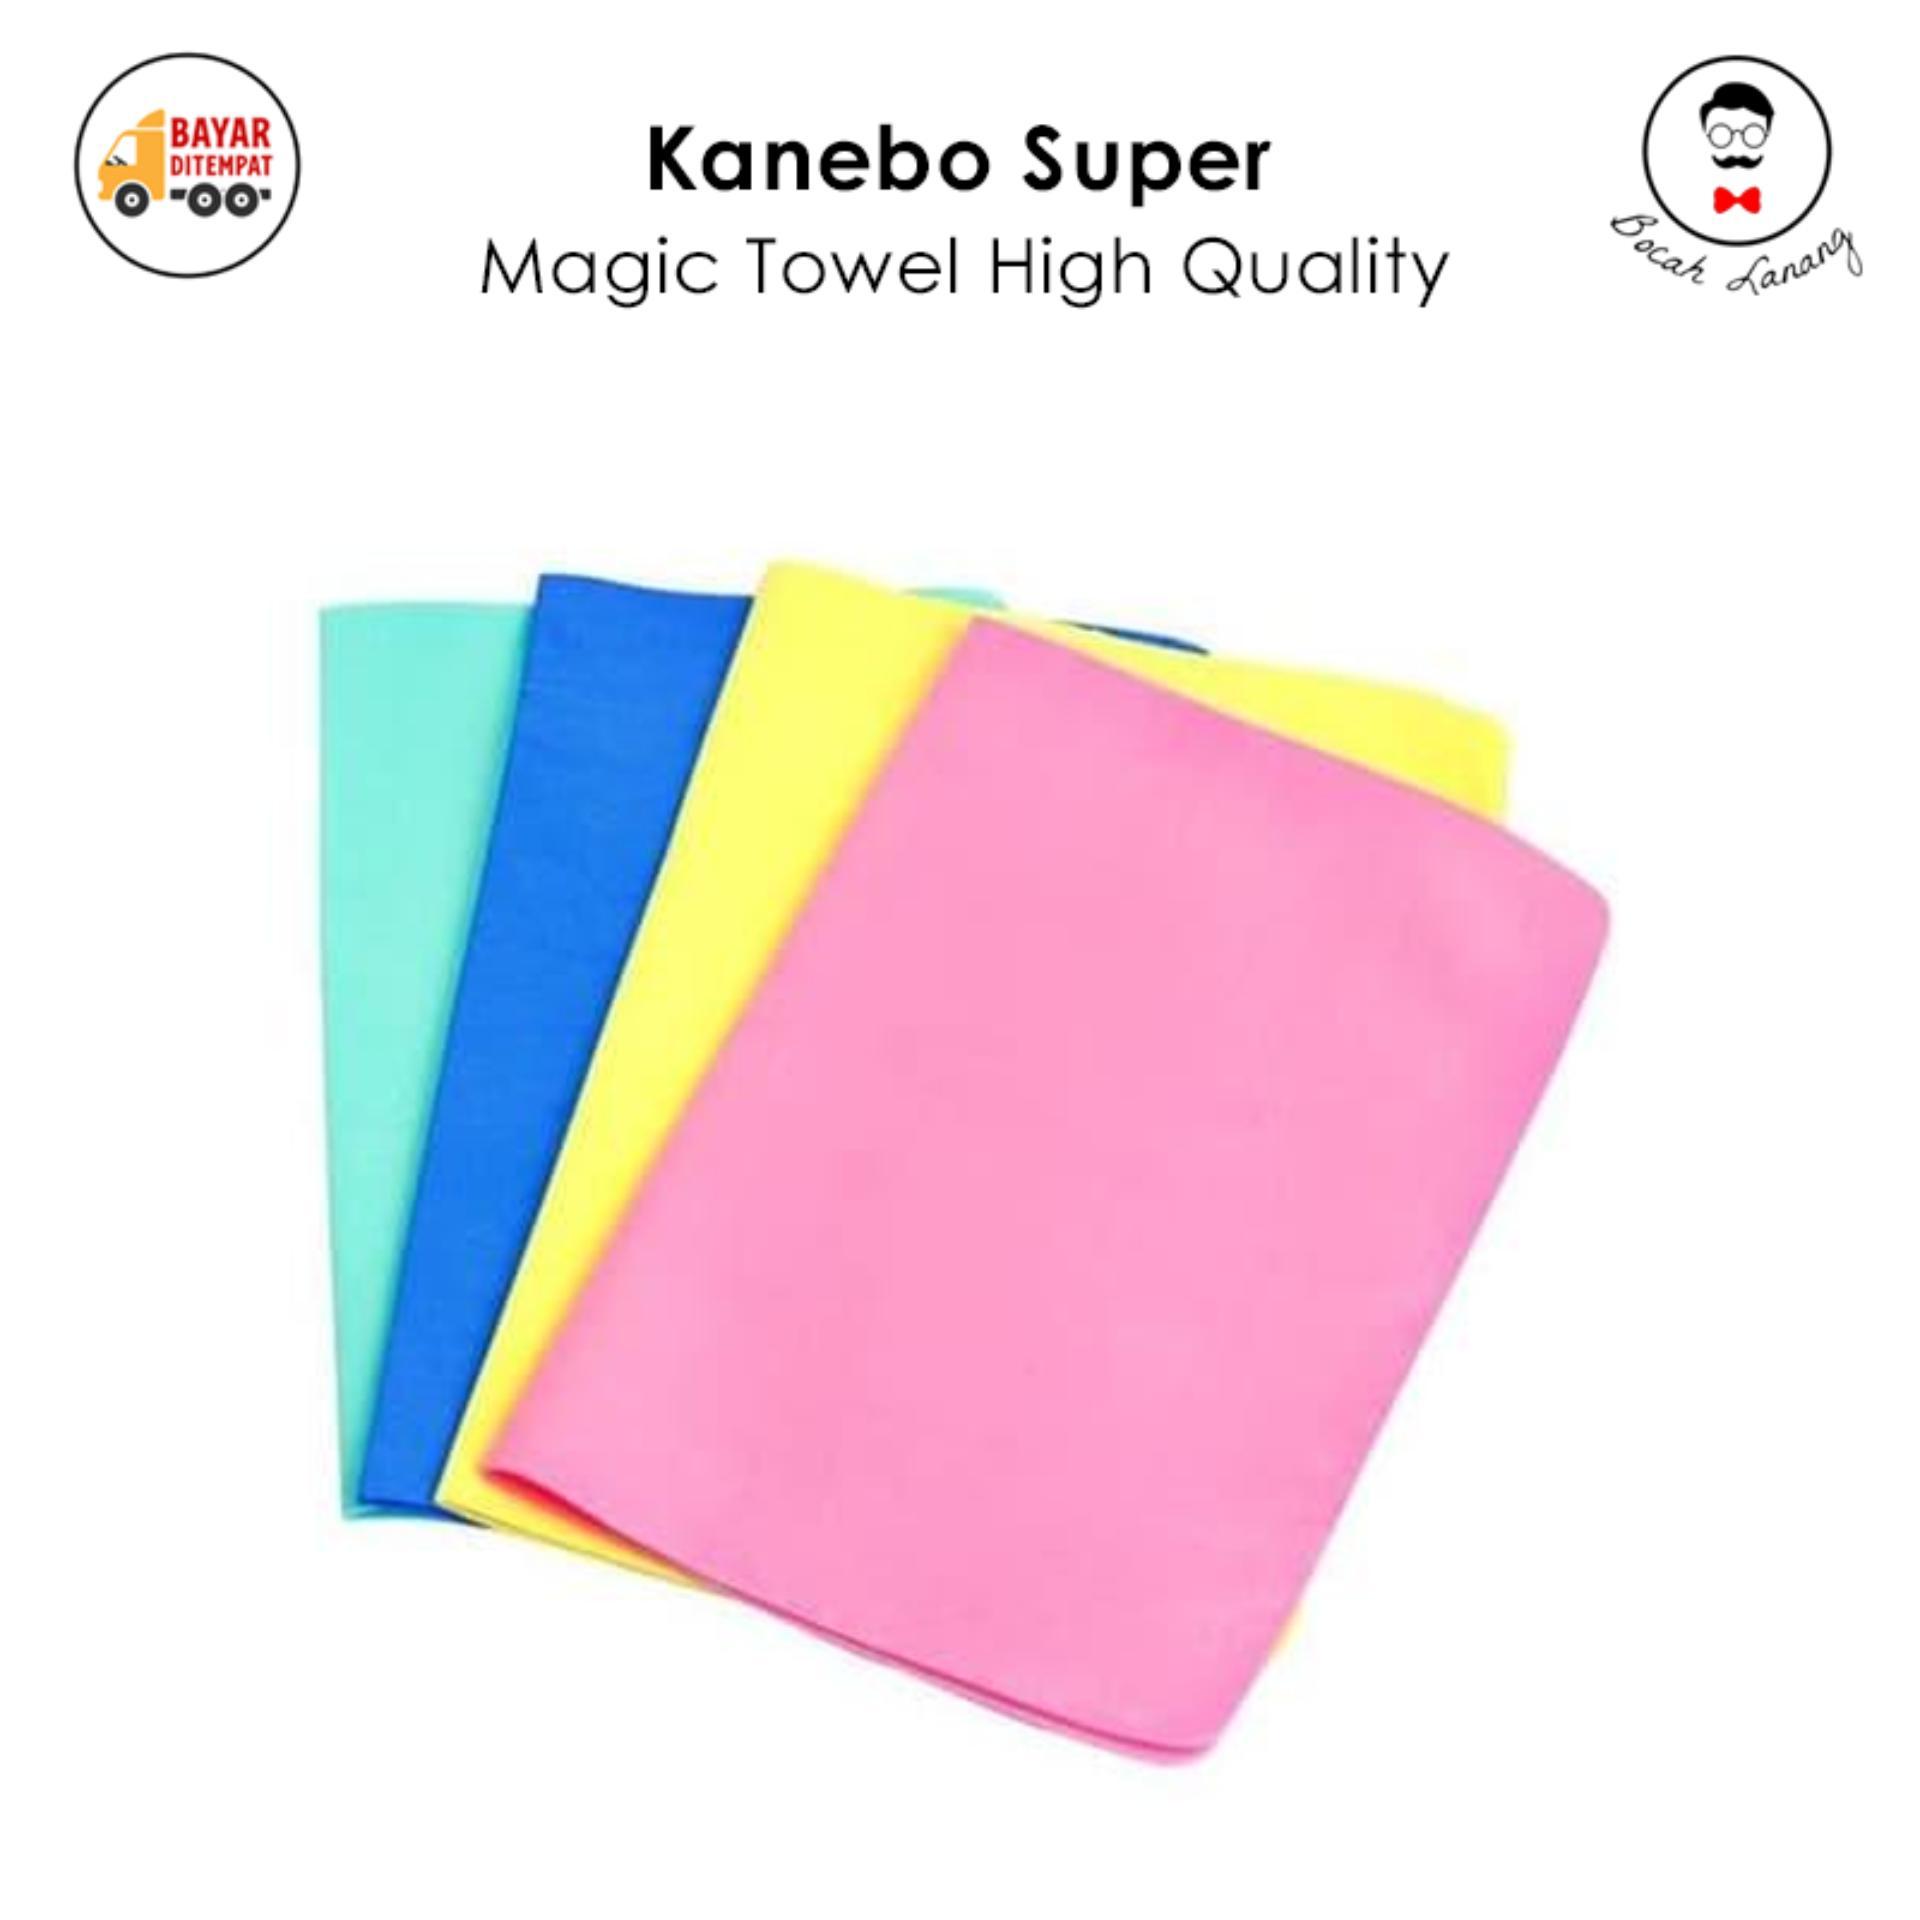 Kanebo Super Magic Towel High Quality - Bocah Lanang By Bocah Lanang.